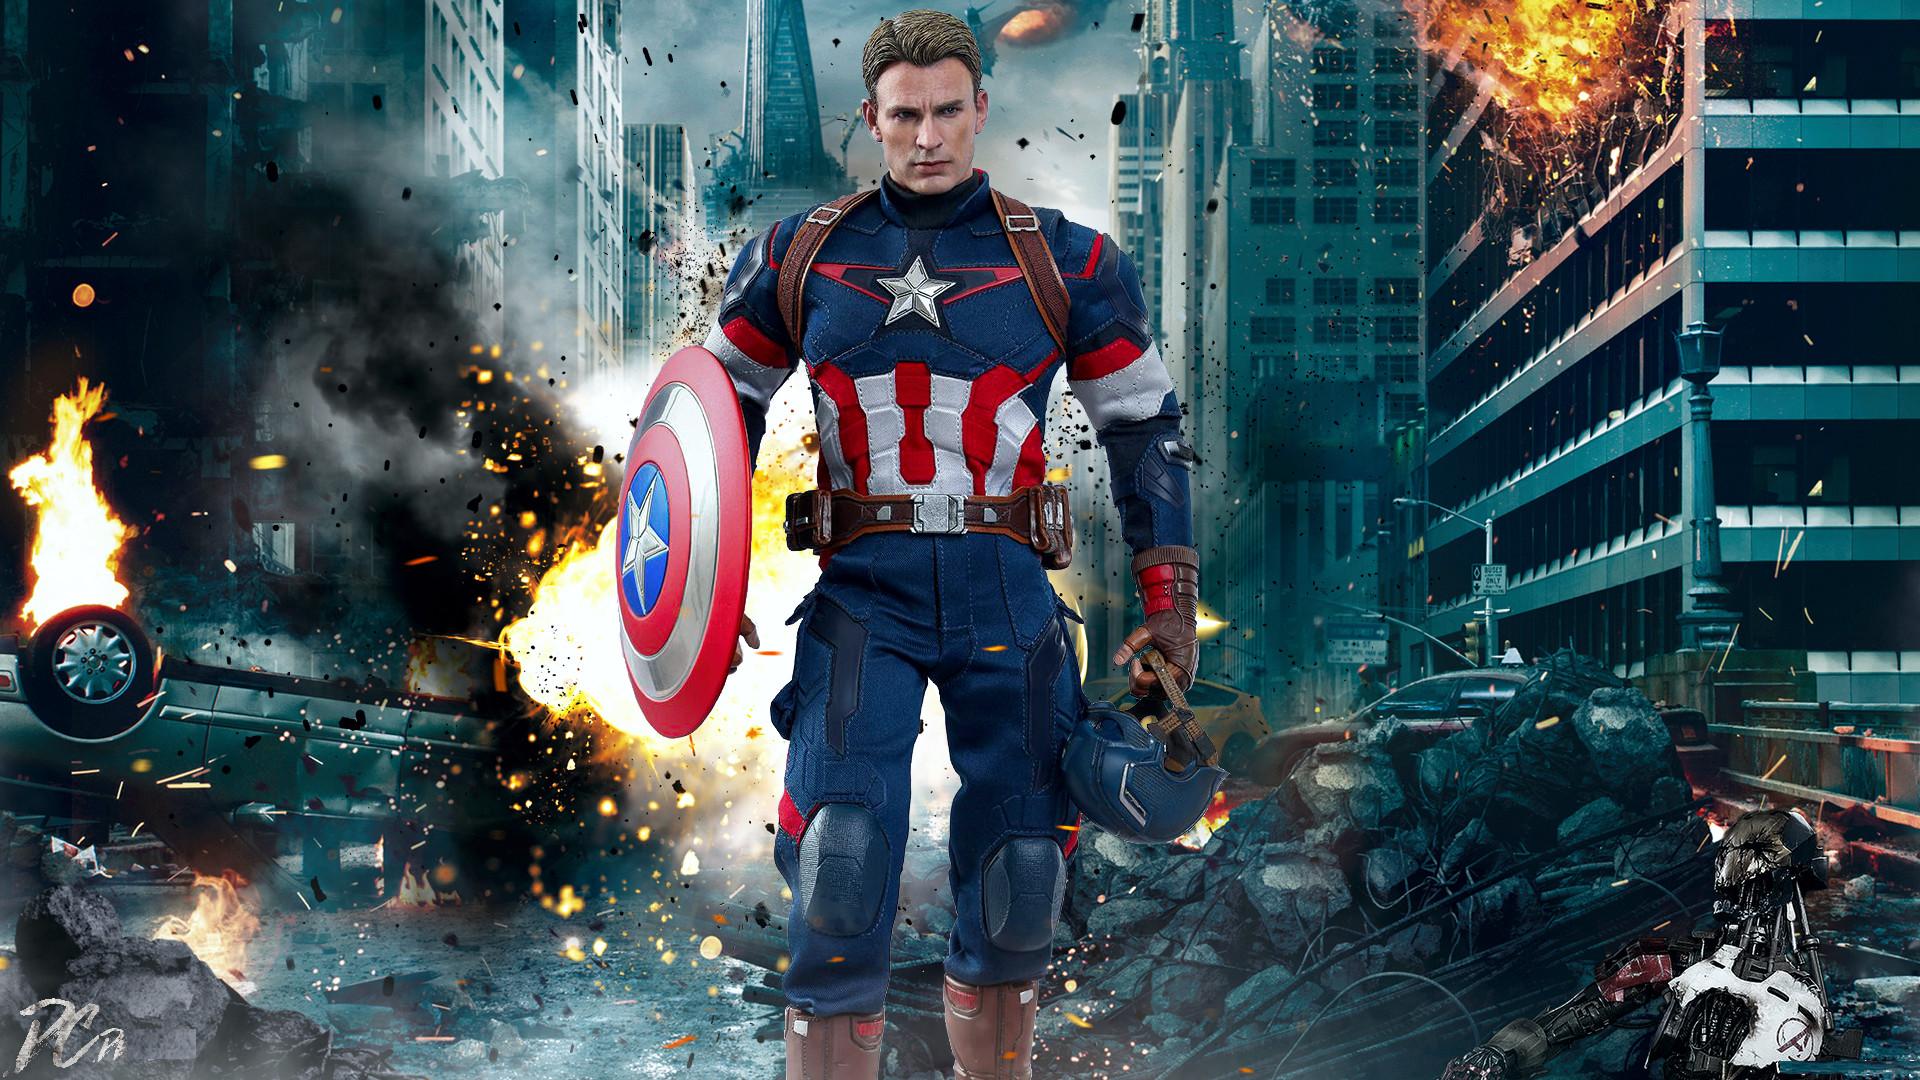 The Avengers Hulk and Ironman HD desktop wallpaper Widescreen